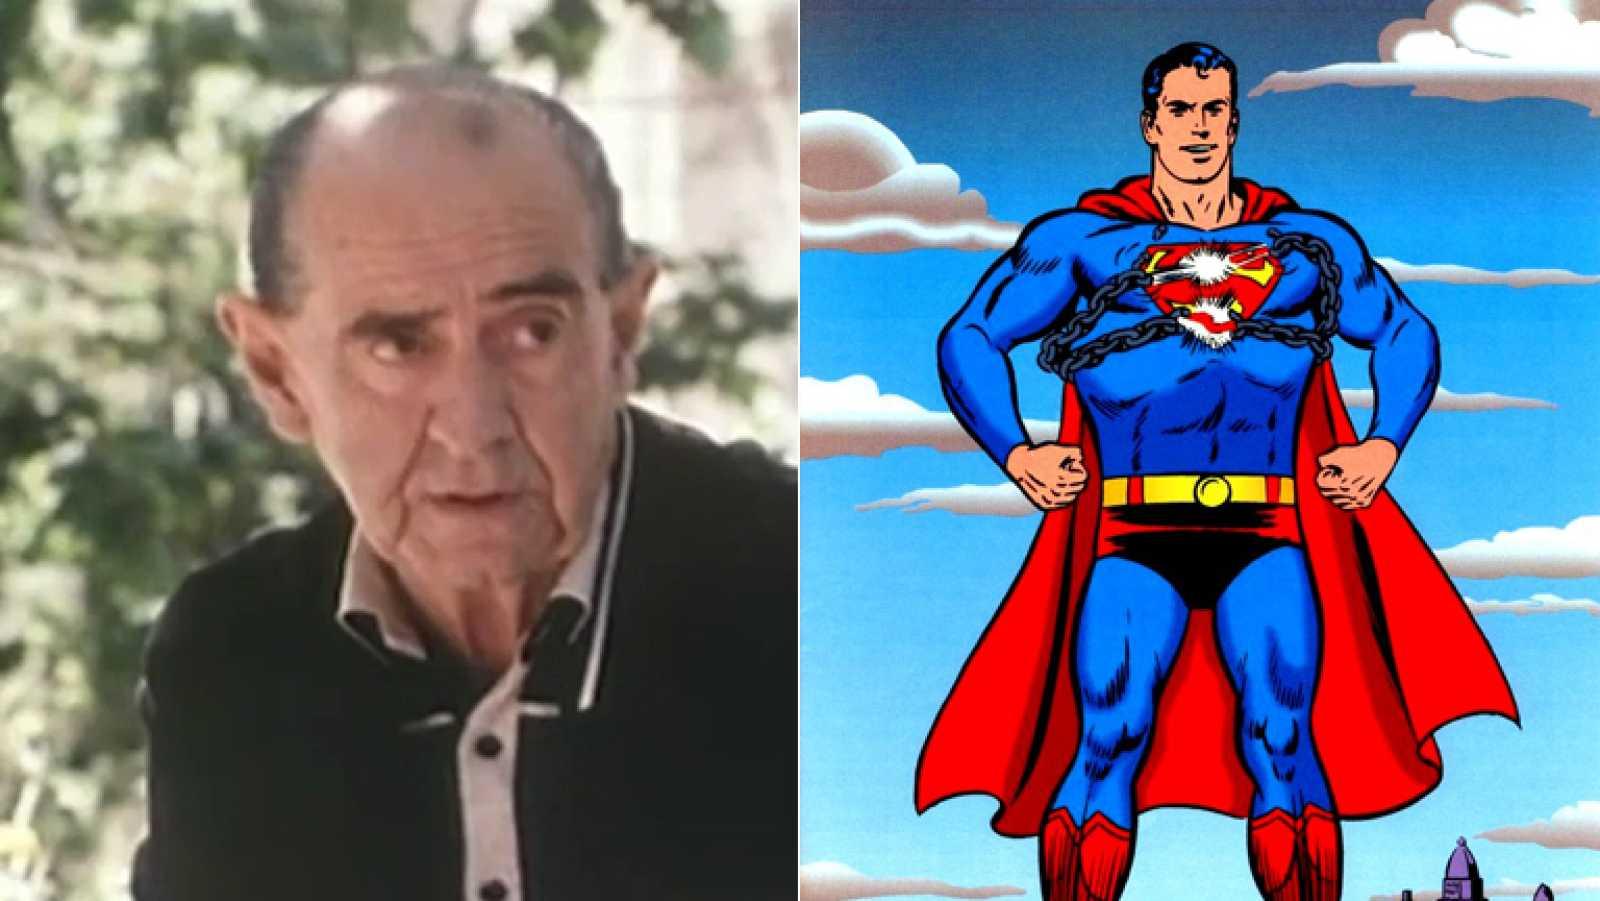 La historieta - Cap. 13: 'Superhéroes y fantaciencia'